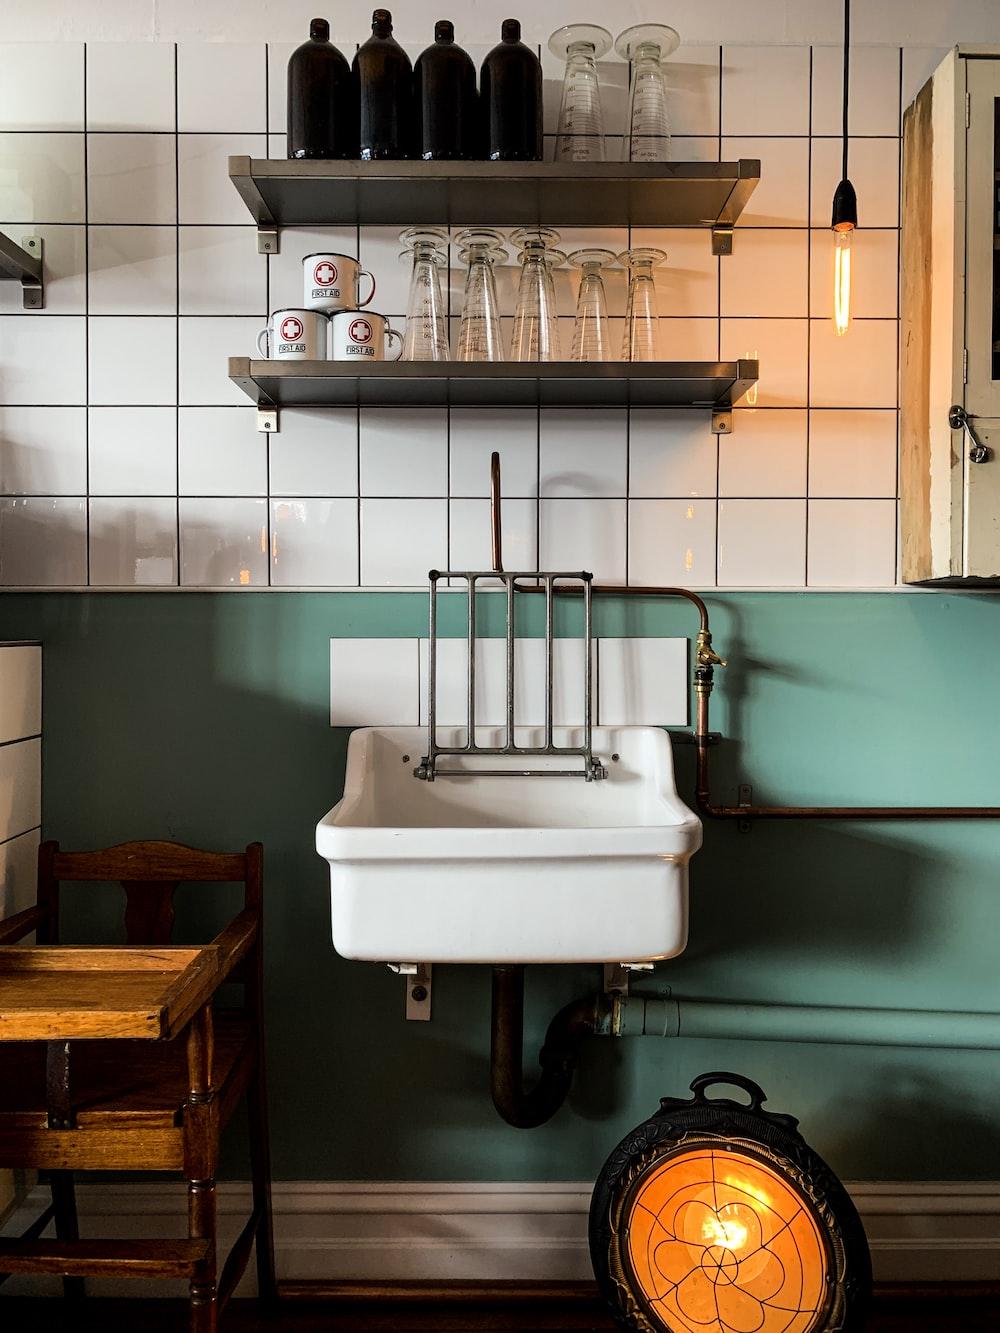 sink near wall